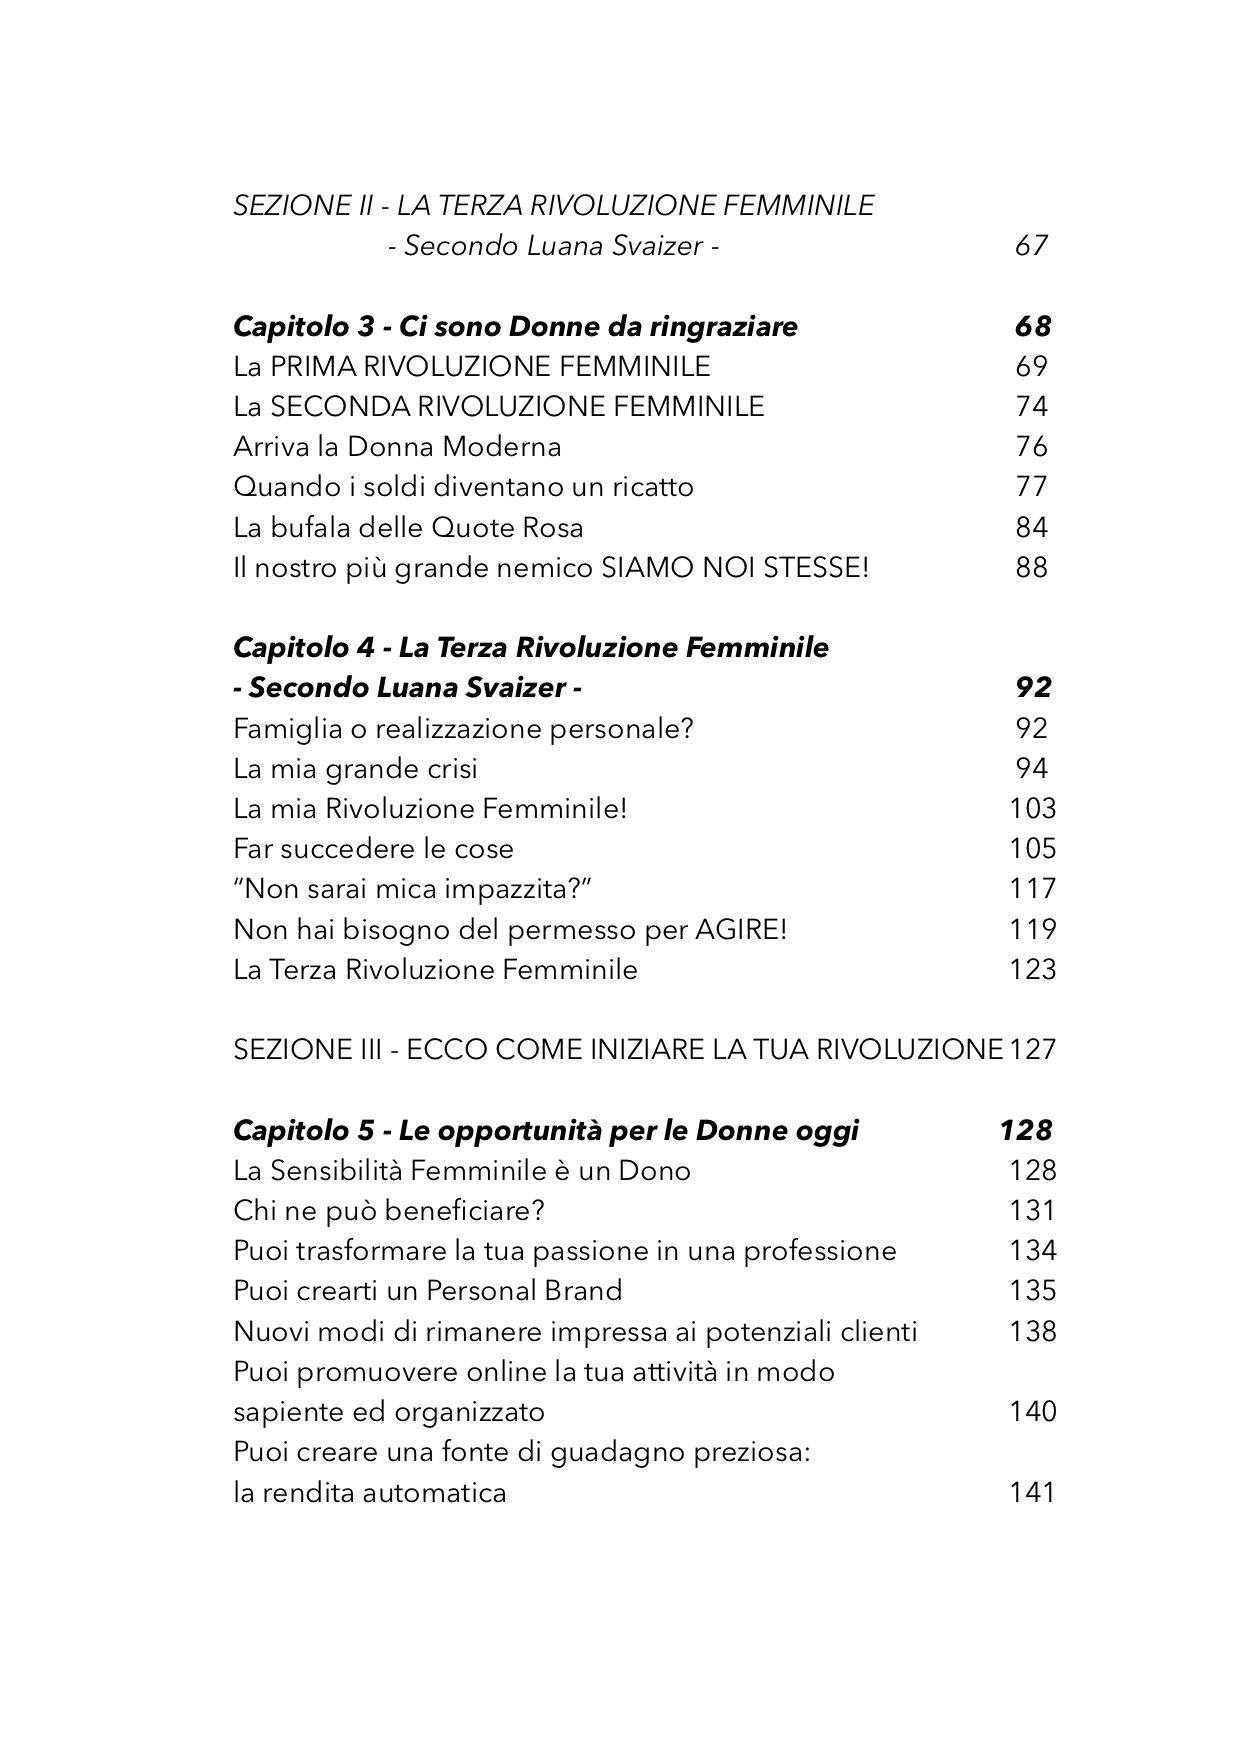 INDICE LIBRO LA TERZA RIVOLUZIONE FEMMINILE 5